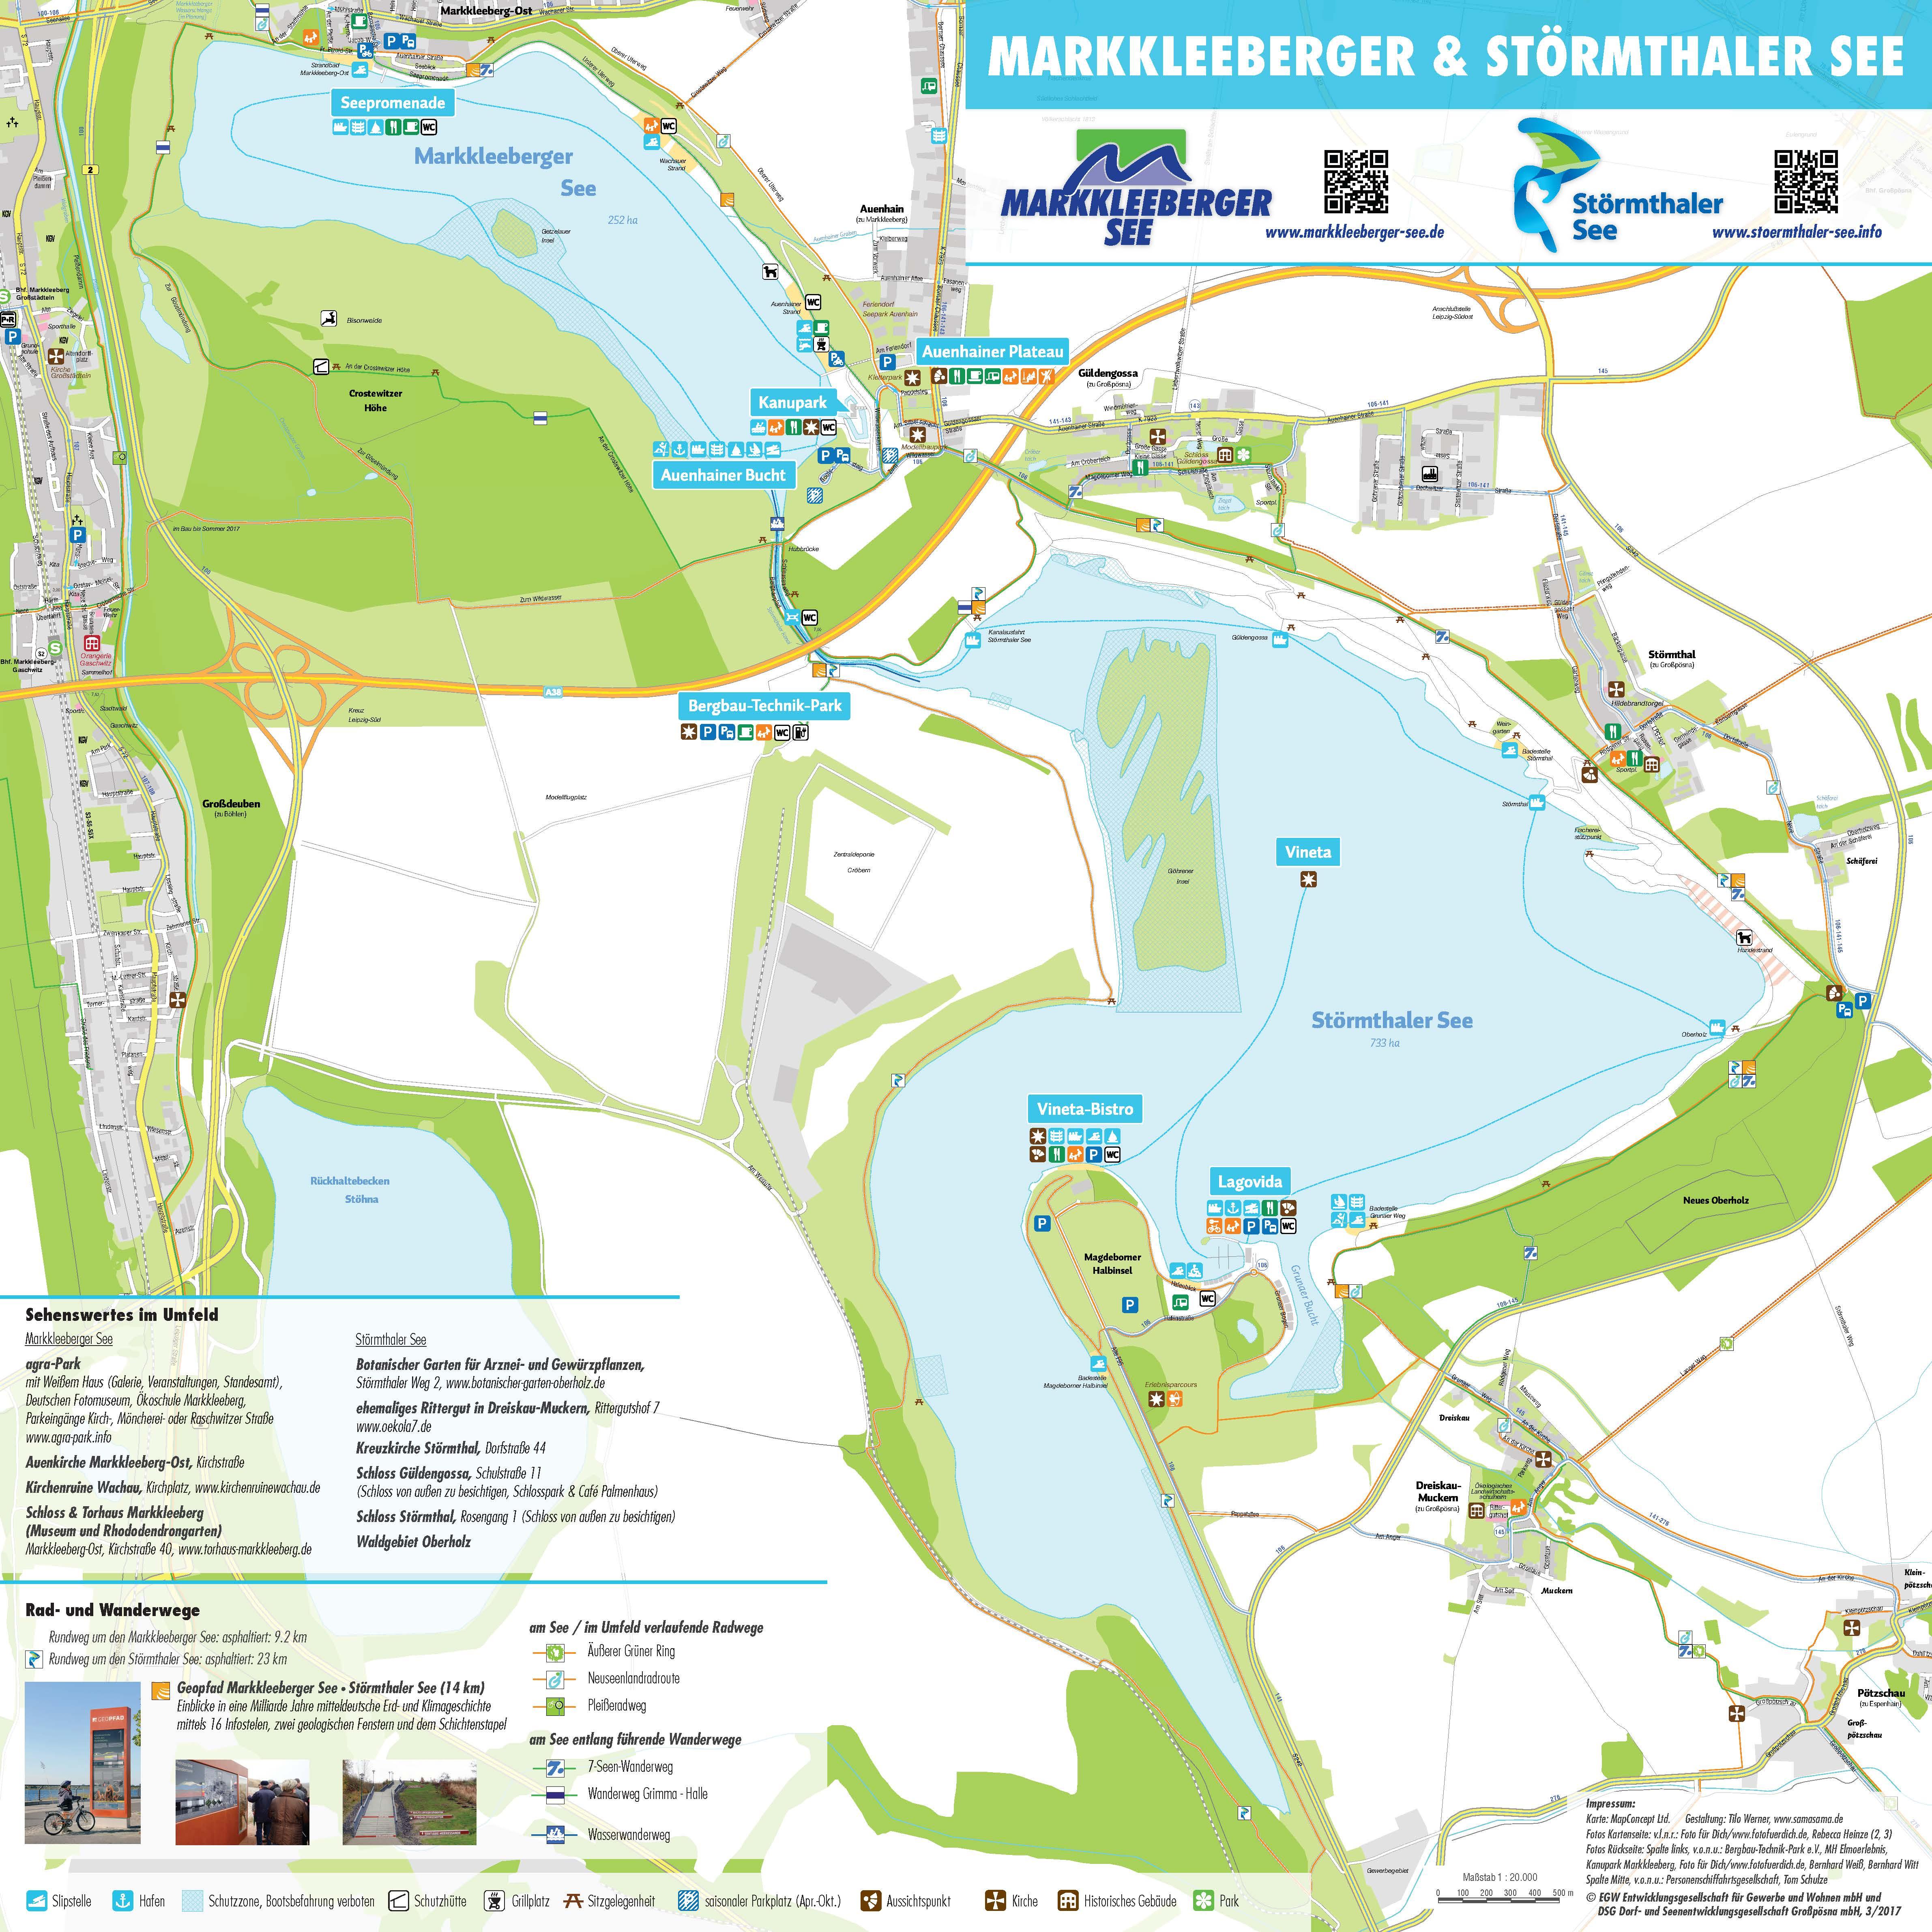 Karte Störmthaler und Markkleeberger See